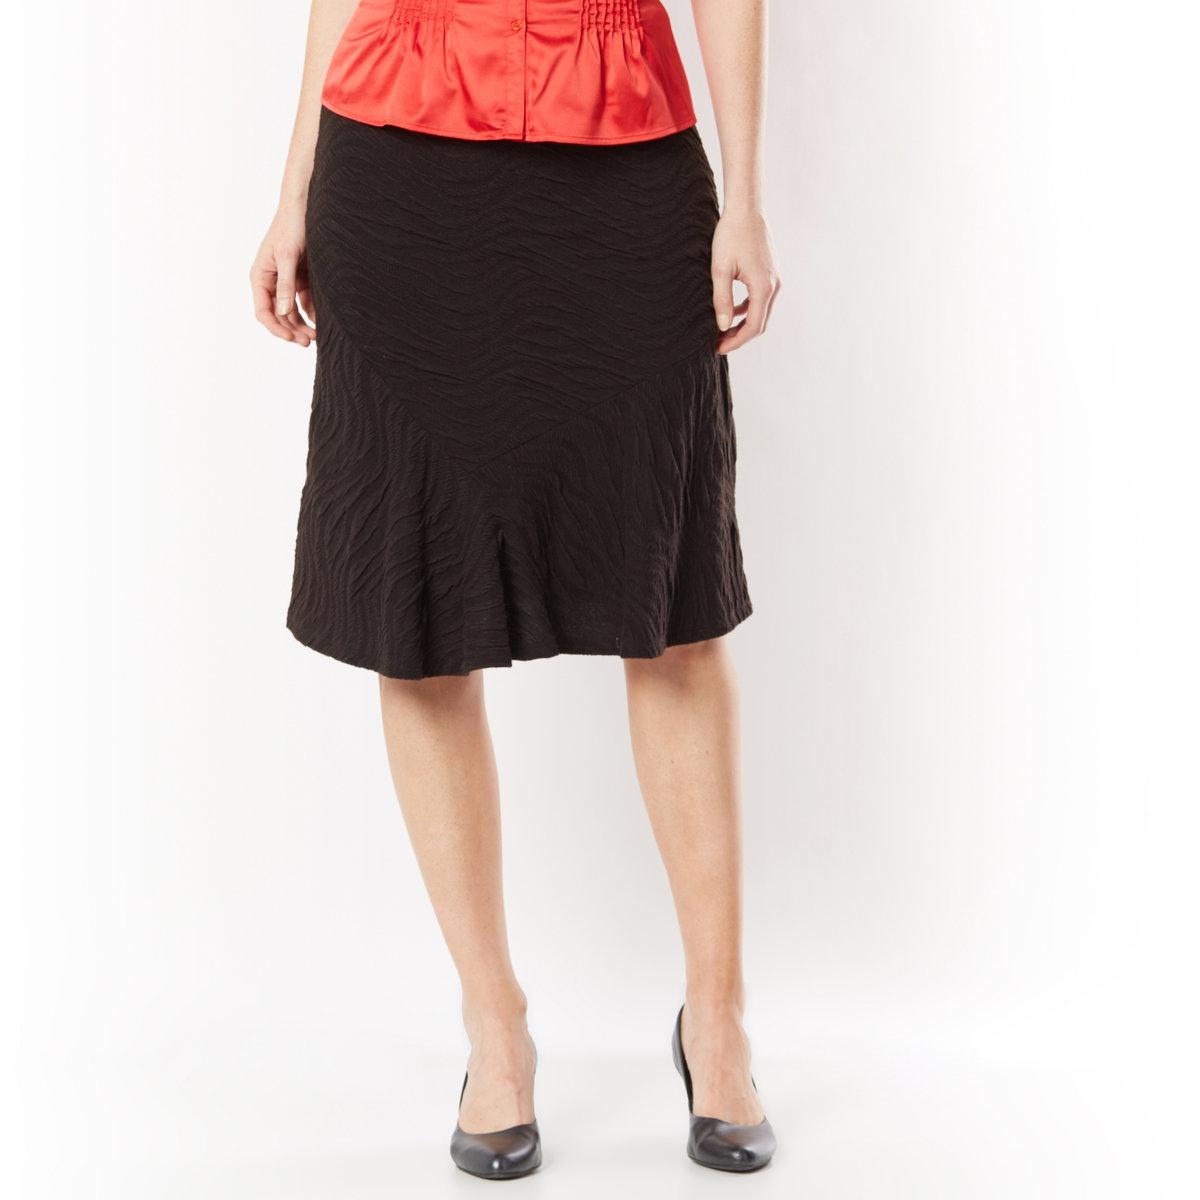 Юбка из рельефного трикотажаКомфорт эластичного пояса. Сочетание вытачек спереди и сзади для красивого движения юбки. Длина ок. 64 см. Трикотаж, 97% полиэстера, 3% эластана.<br><br>Цвет: черный<br>Размер: 48 (FR) - 54 (RUS)